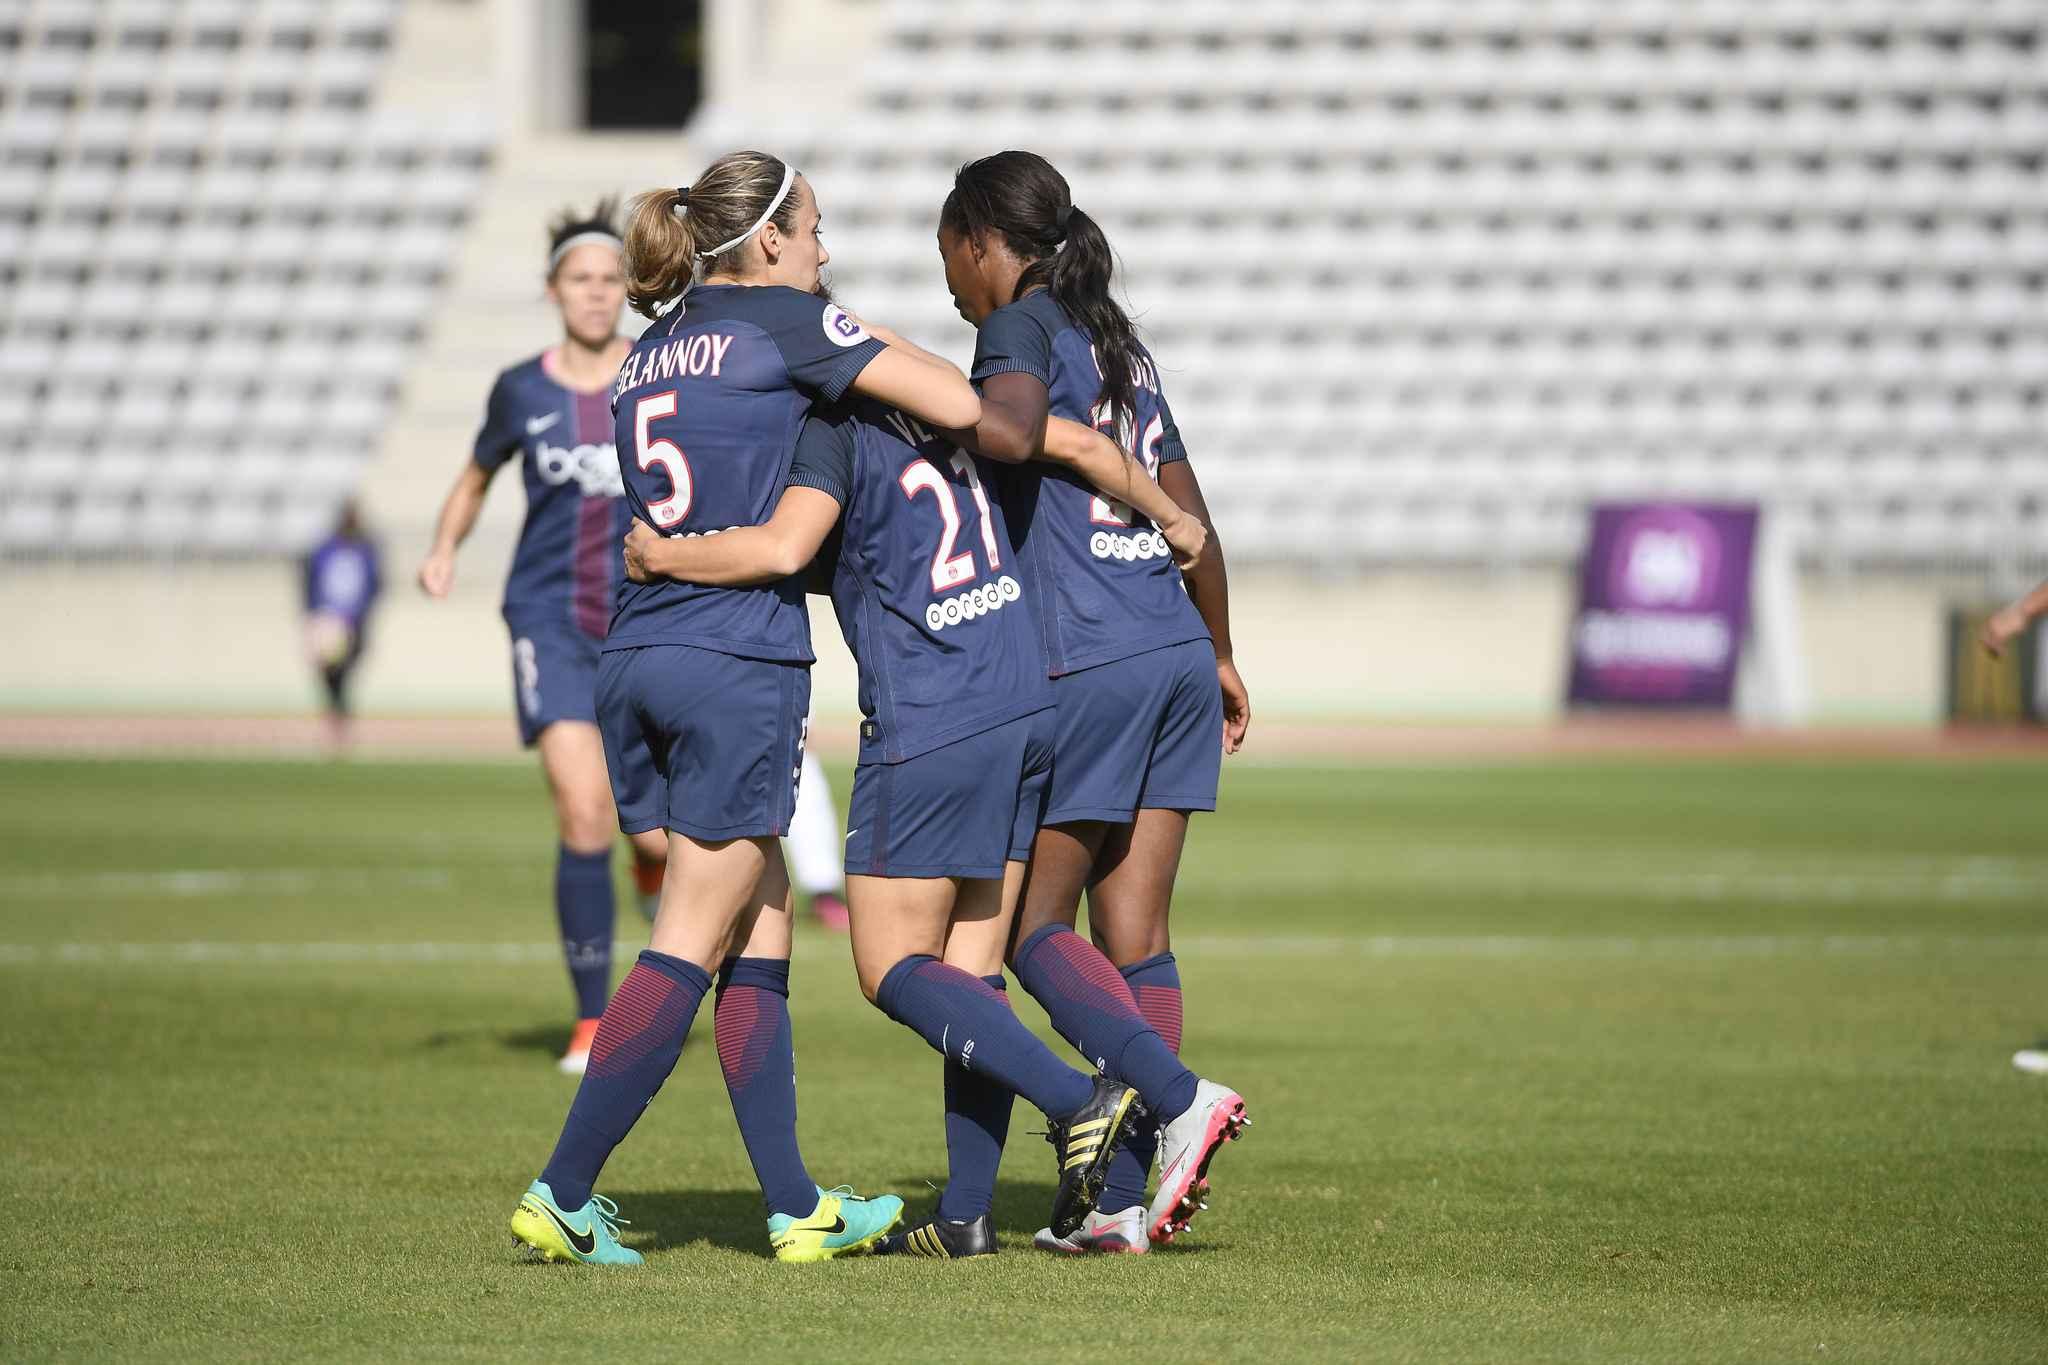 Quatre points retirés au PSG Féminines : sanction confirmée